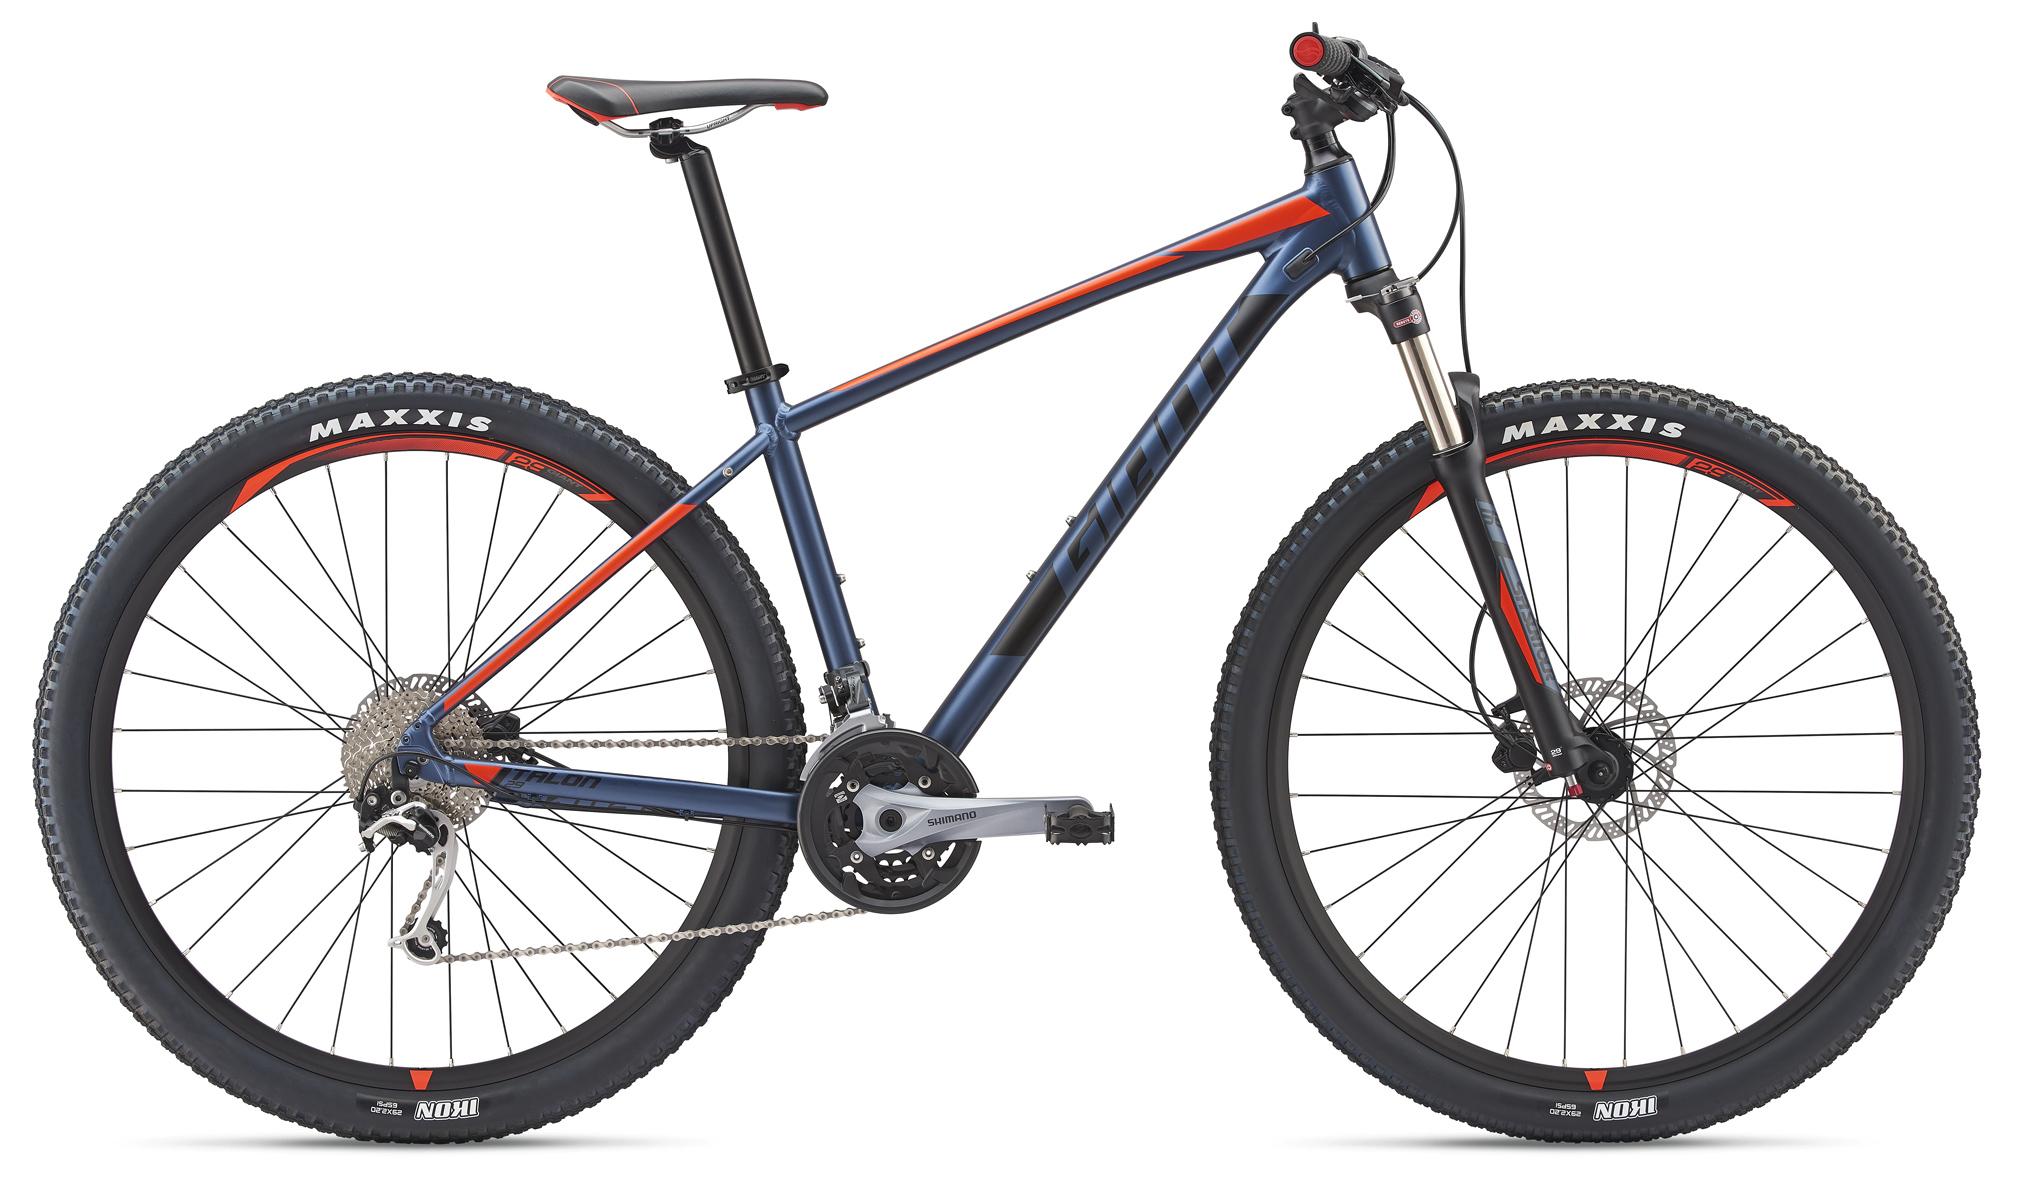 Велосипед Giant Talon 29 2 GE 2019 велосипед giant trinity composite 2 w 2014 page 6